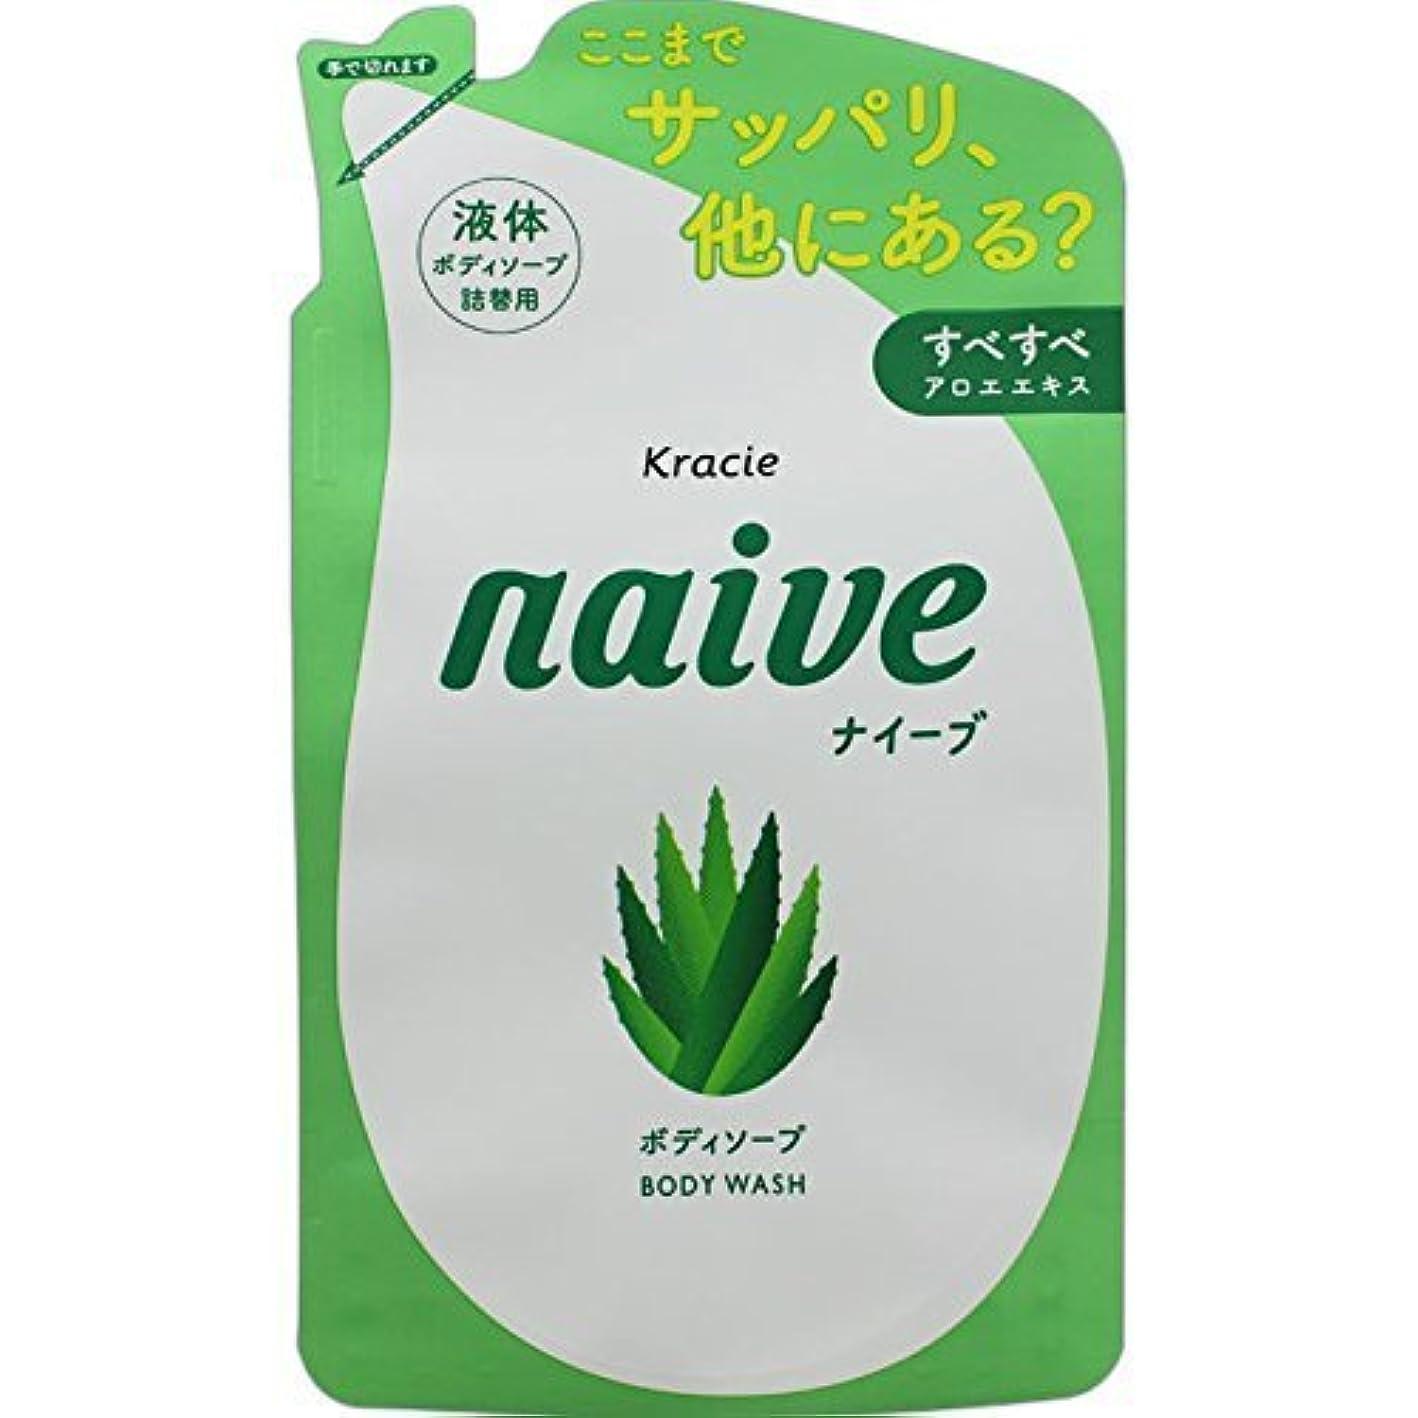 草農学水分ナイーブ ボディソープ(アロエエキス配合)詰替用